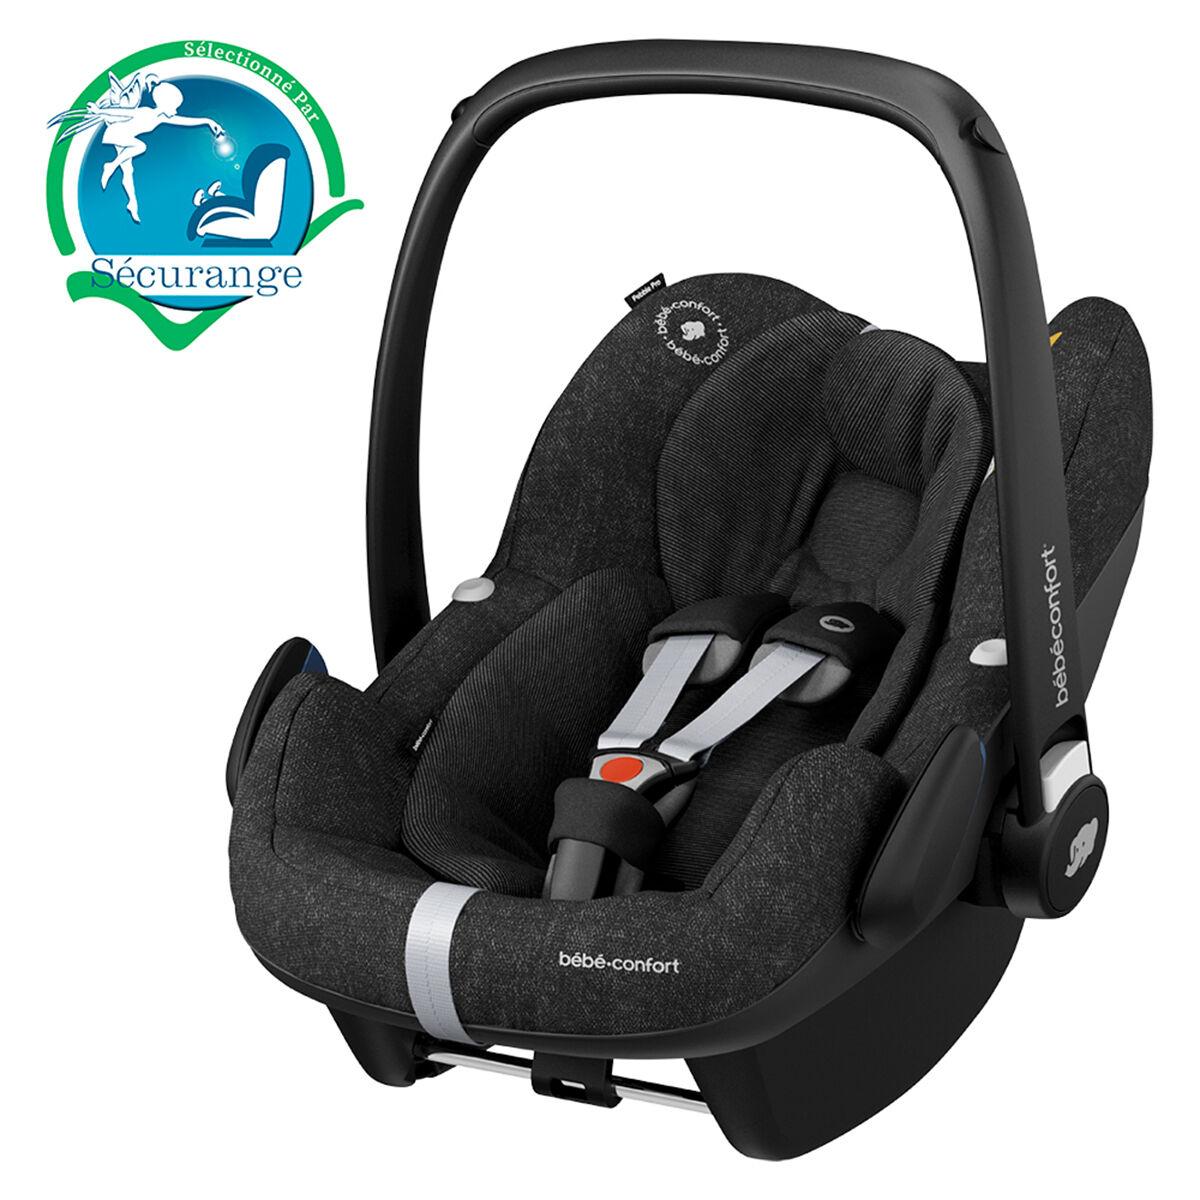 Bébé Confort Siège Auto Pebble Pro i-Size Groupe 0+ - Nomad Black